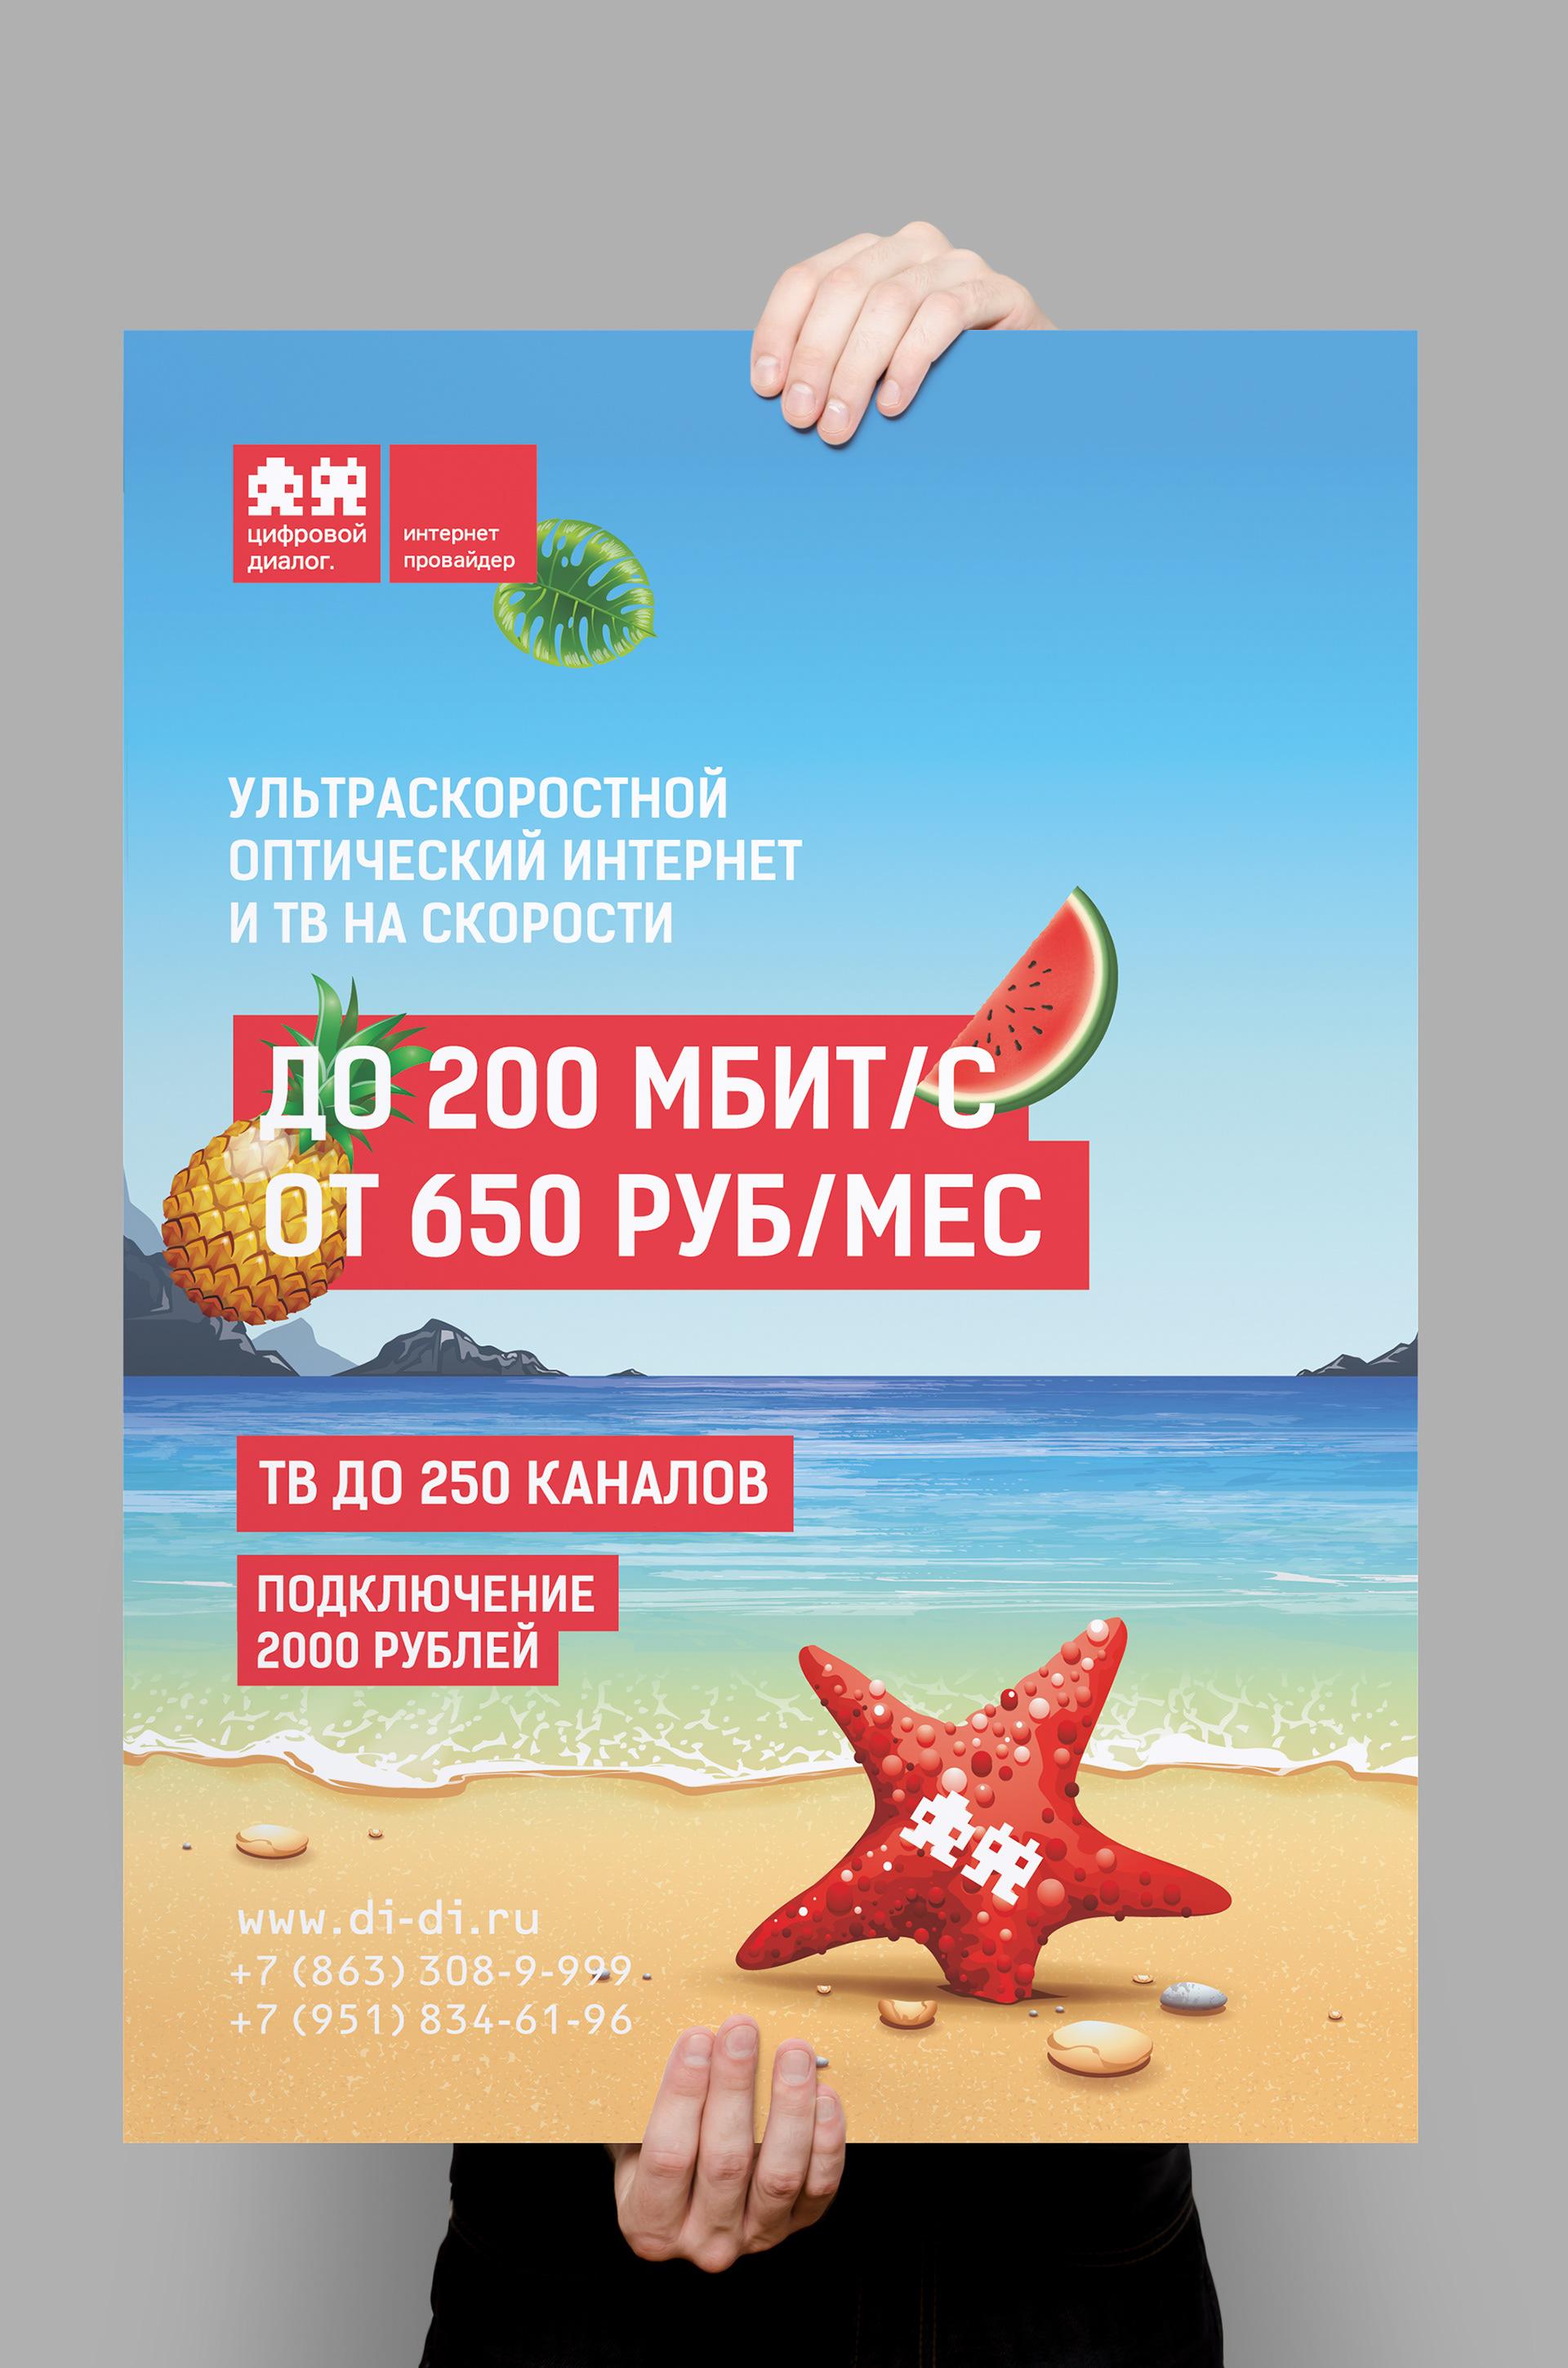 405a91e6df